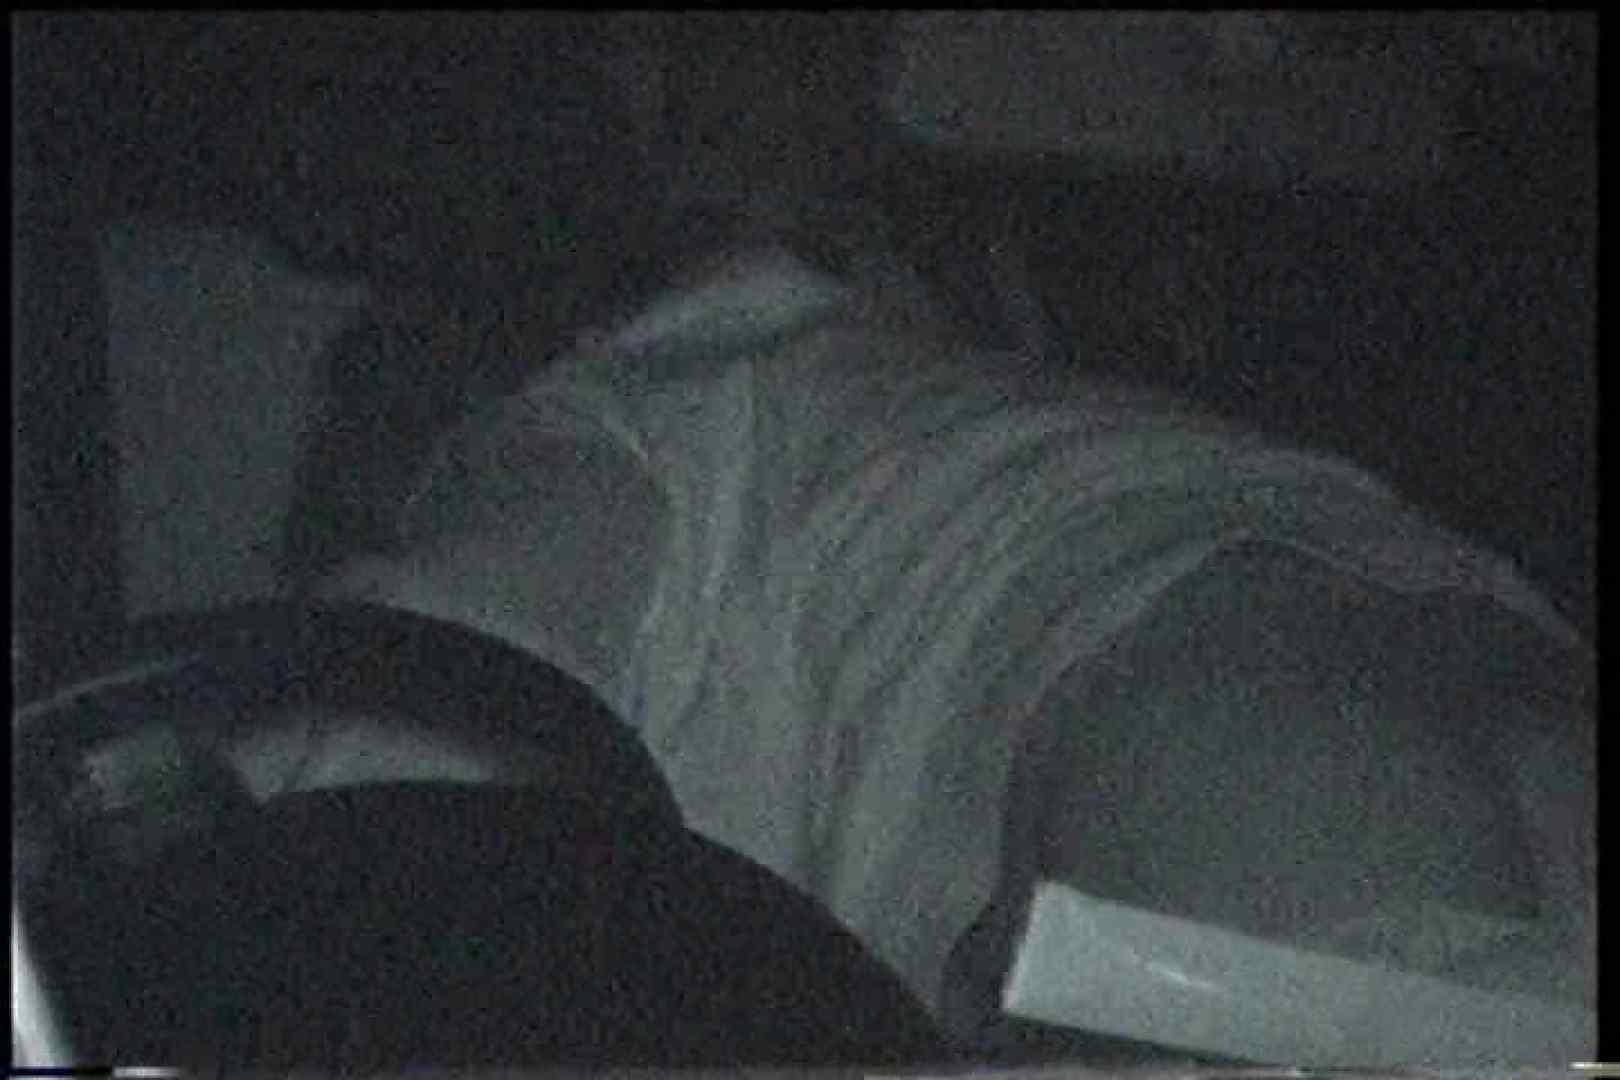 充血監督の深夜の運動会Vol.199 おまんこ おまんこ無修正動画無料 77pic 71